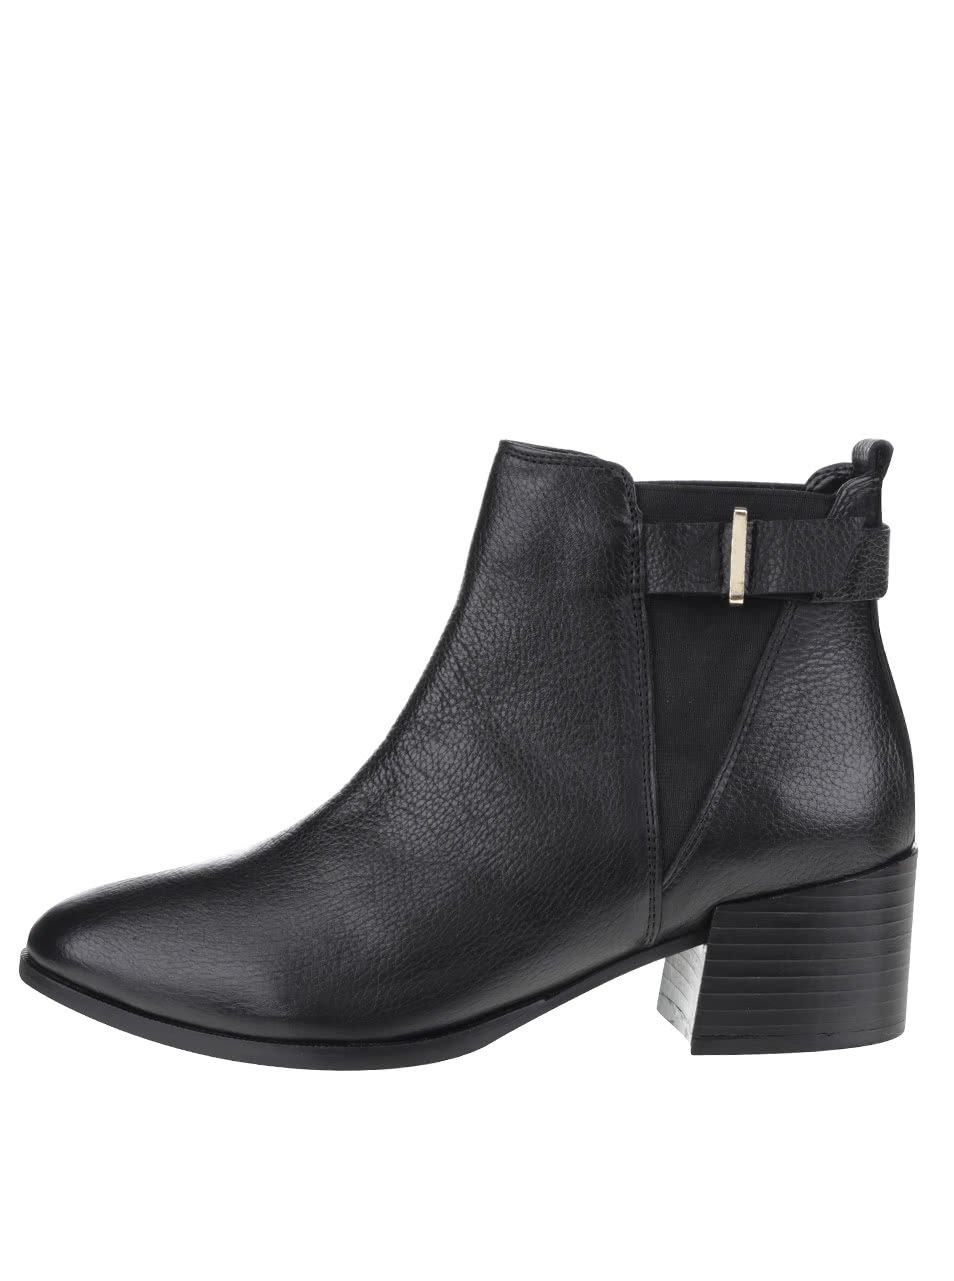 Černé kožené kotníkové chelsea boty s přezkou Miss Selfridge